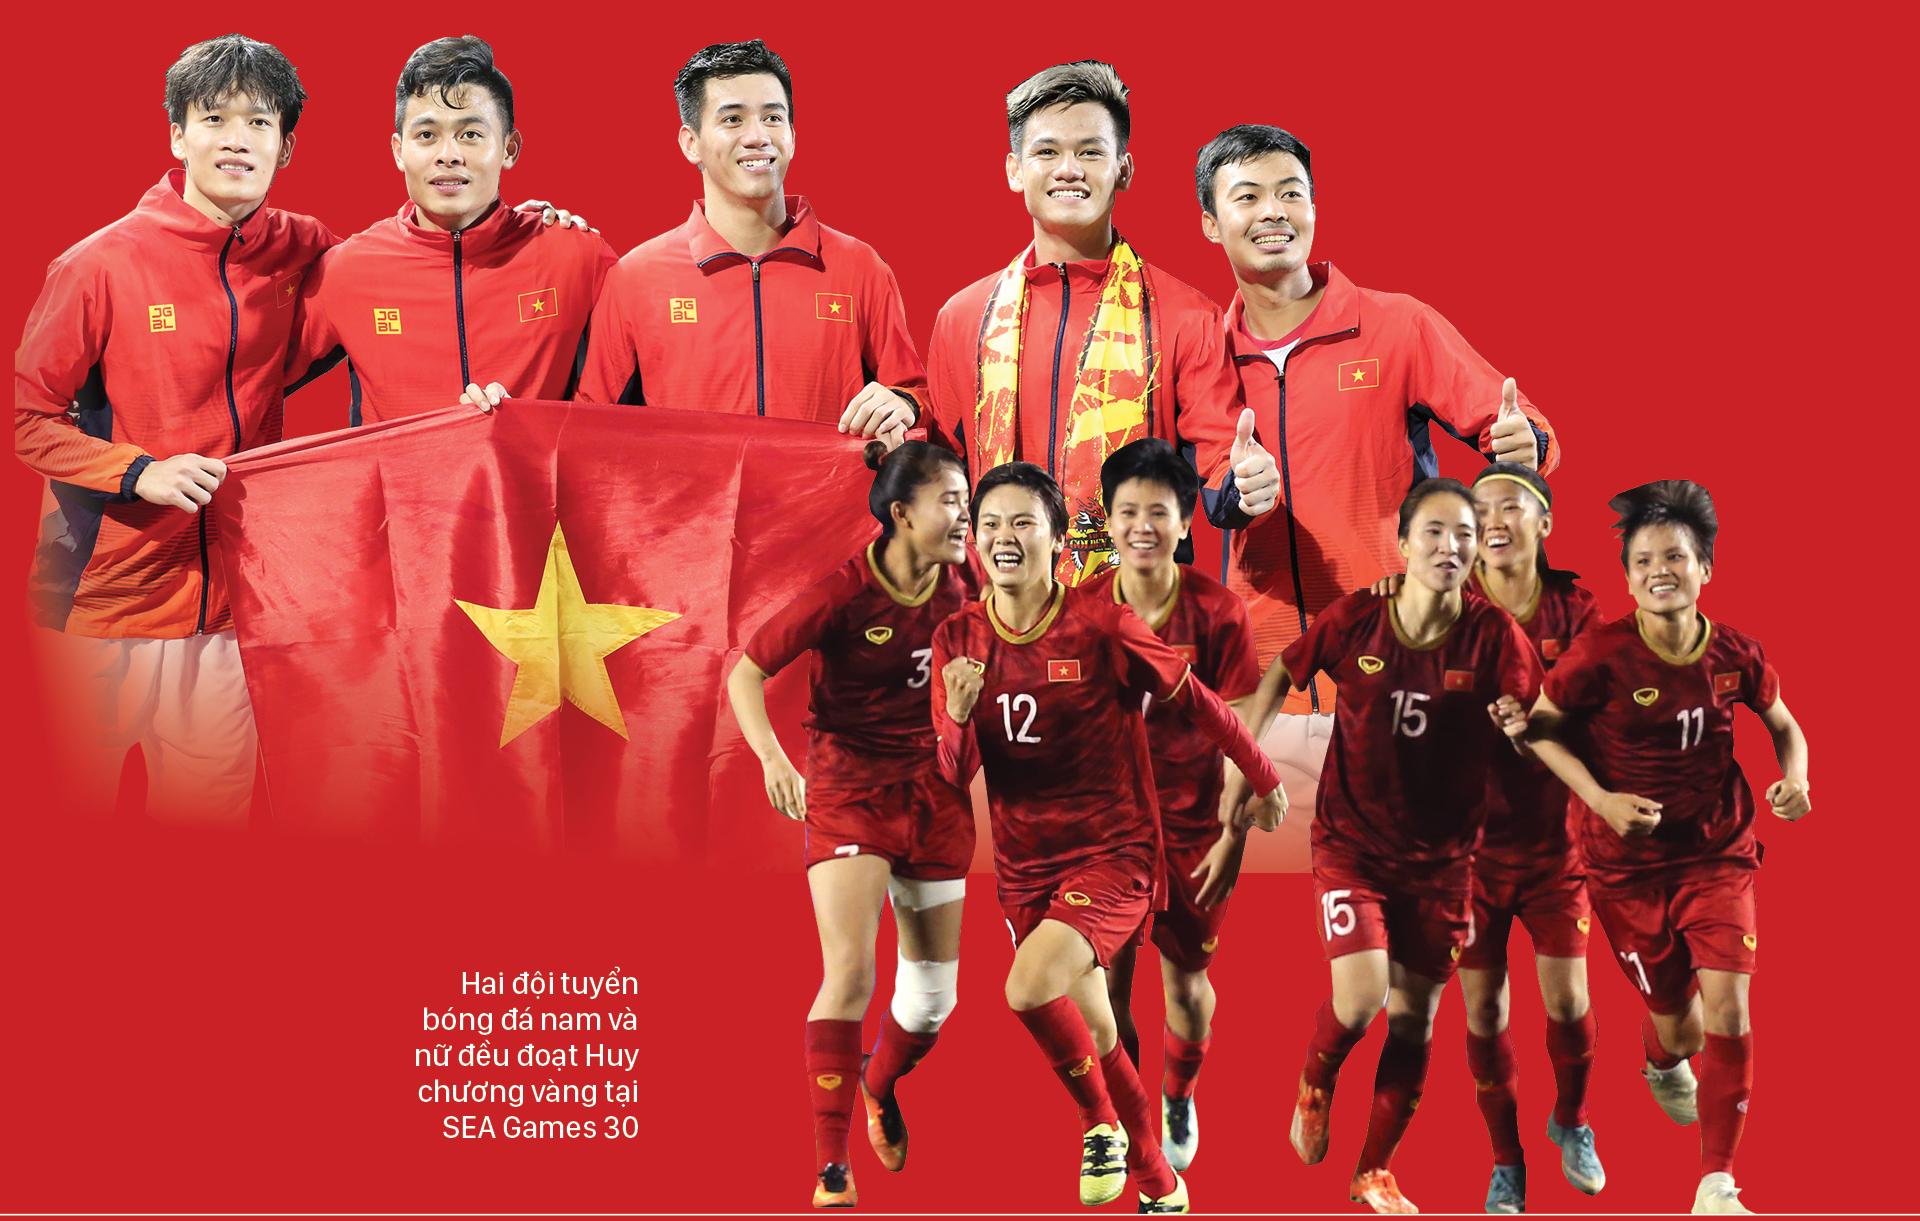 Thể thao Việt Nam - Kiêu hãnh đi về tương lai ảnh 3